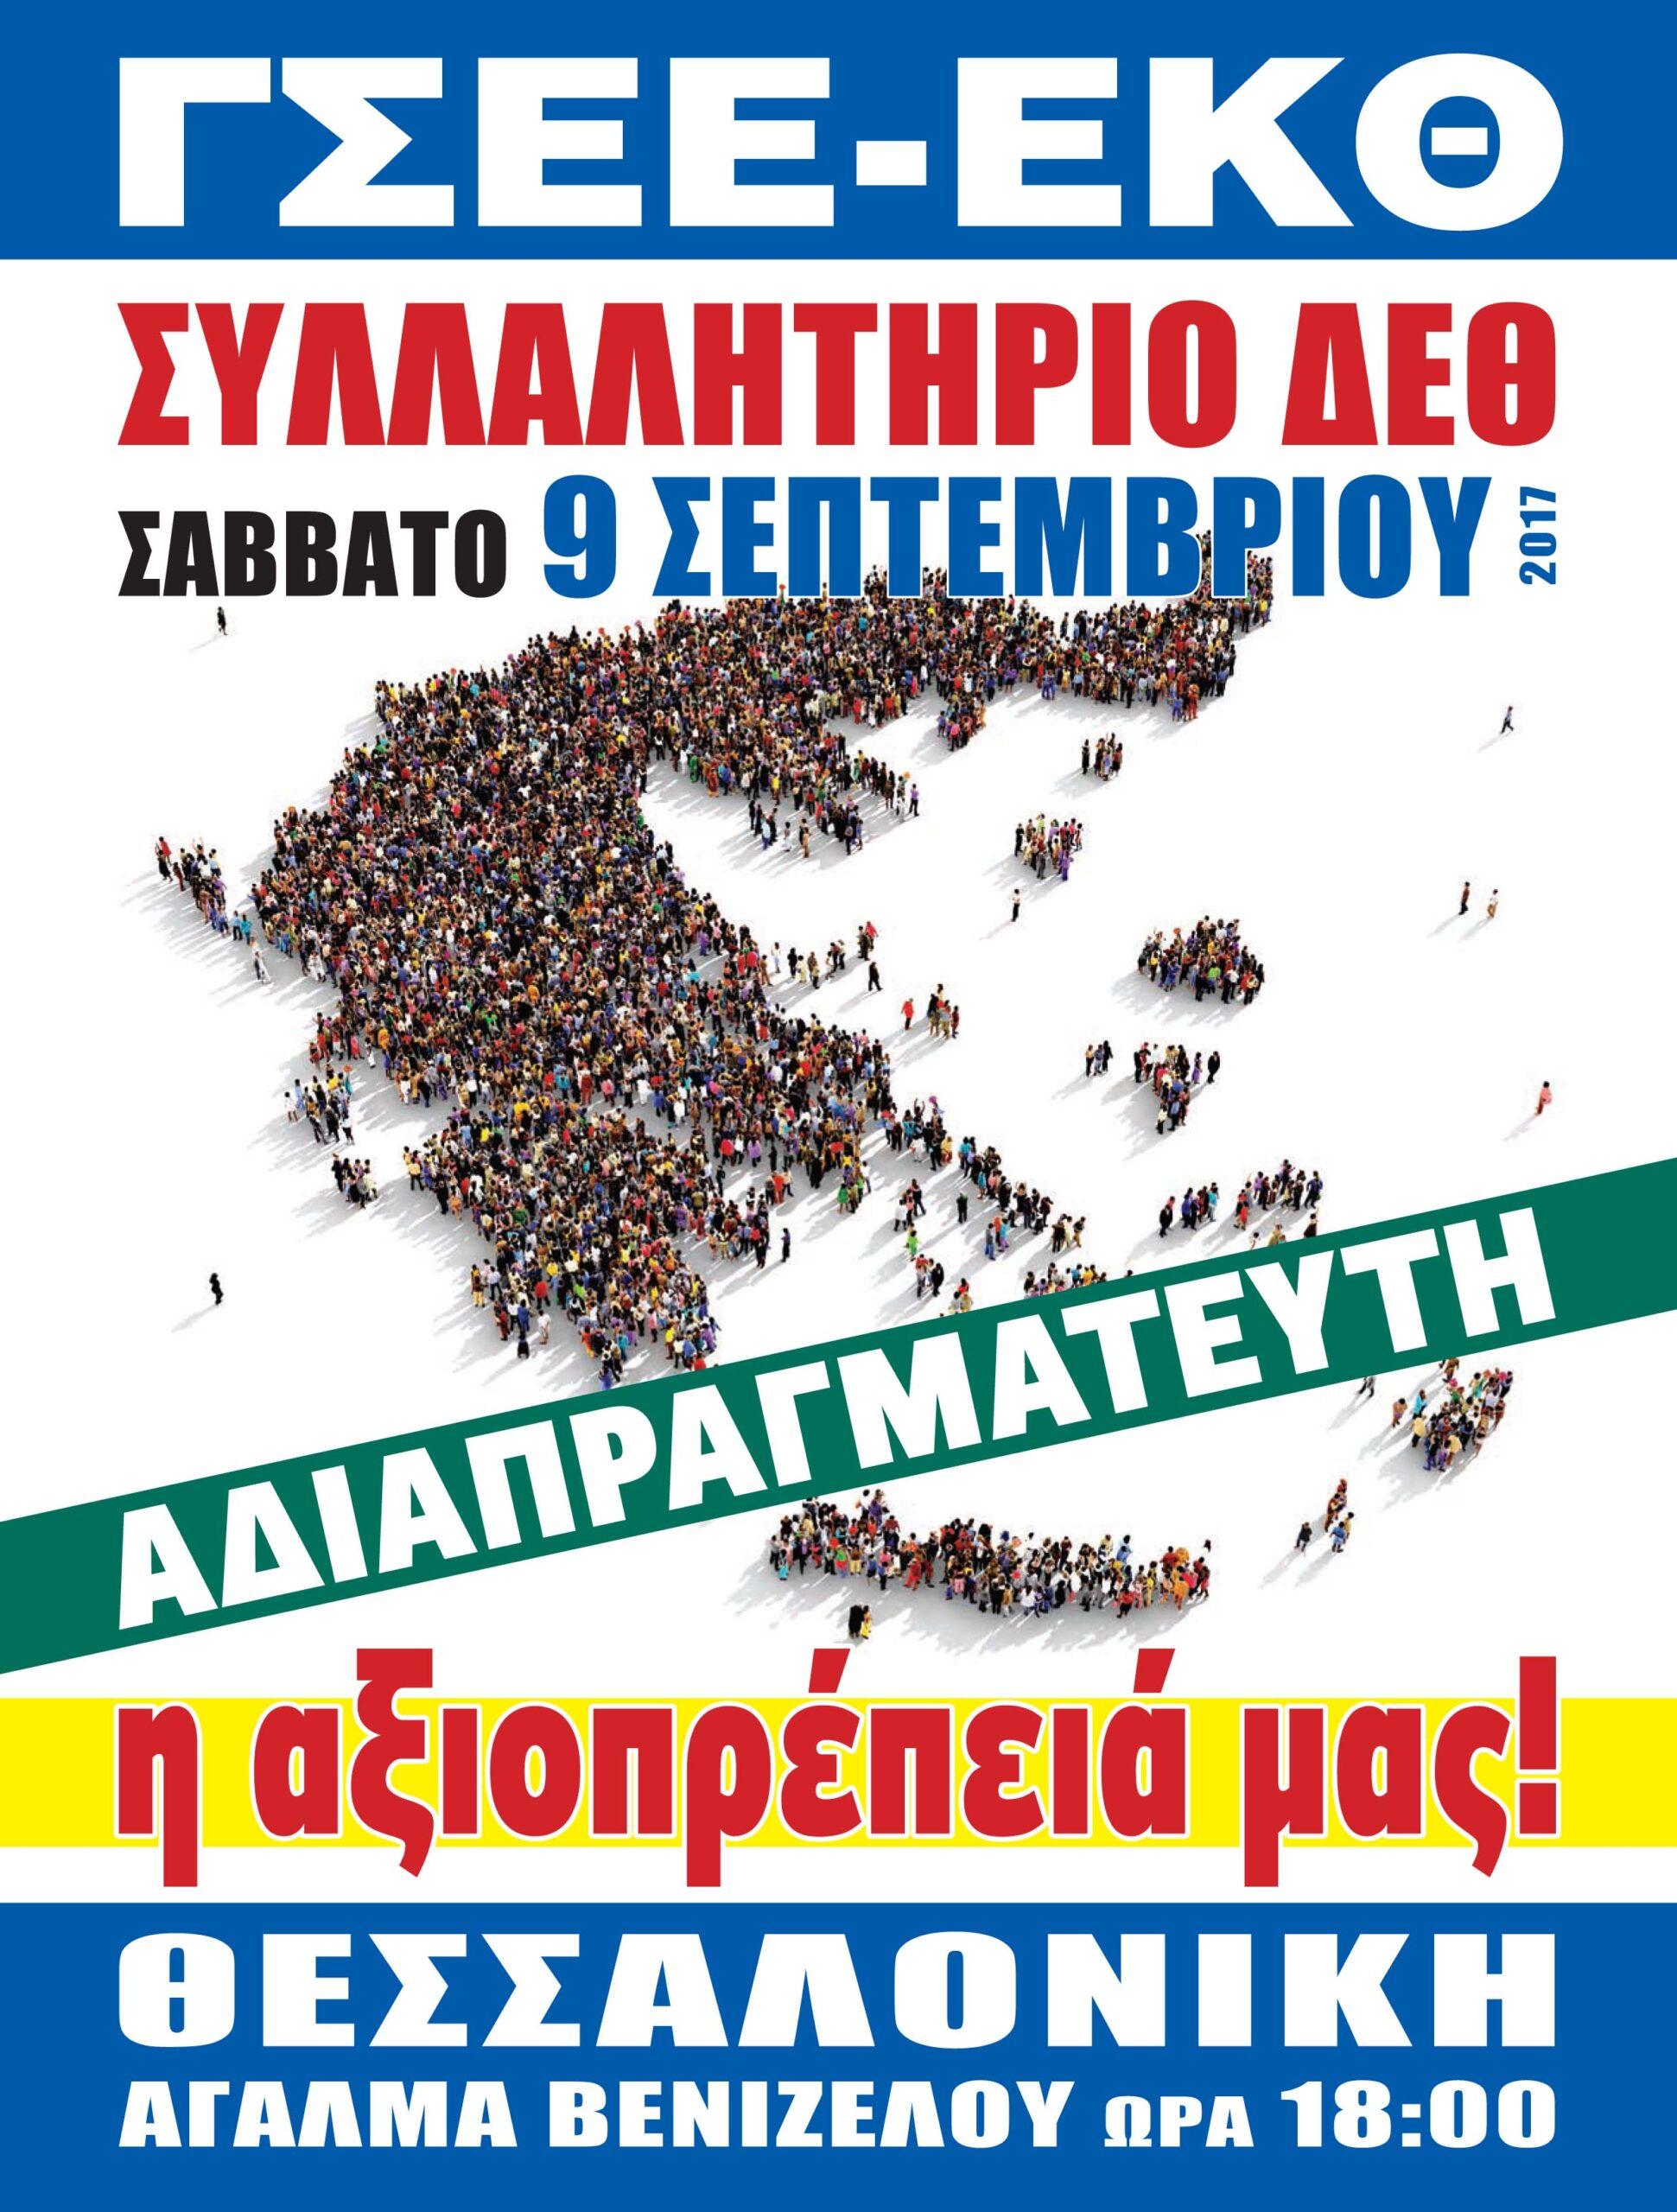 Συλλαλητήριο ΔΕΘ 9/9/2017- 18:00 Αγαλμα Βενιζέλου